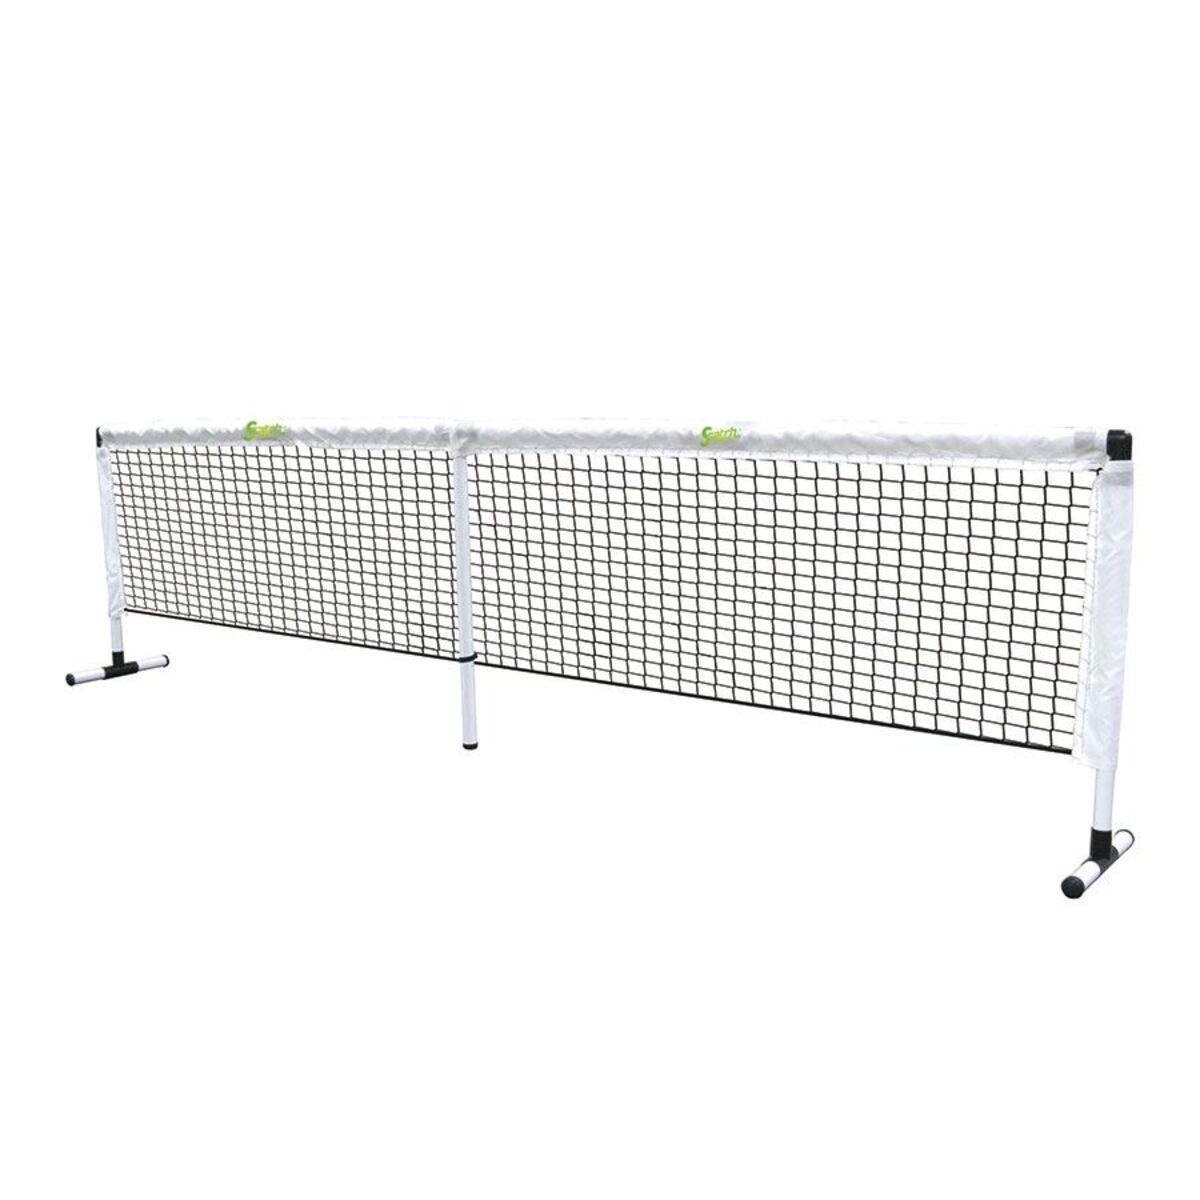 Bild 2 von Scatch Tennis-Set mit Spielnetz